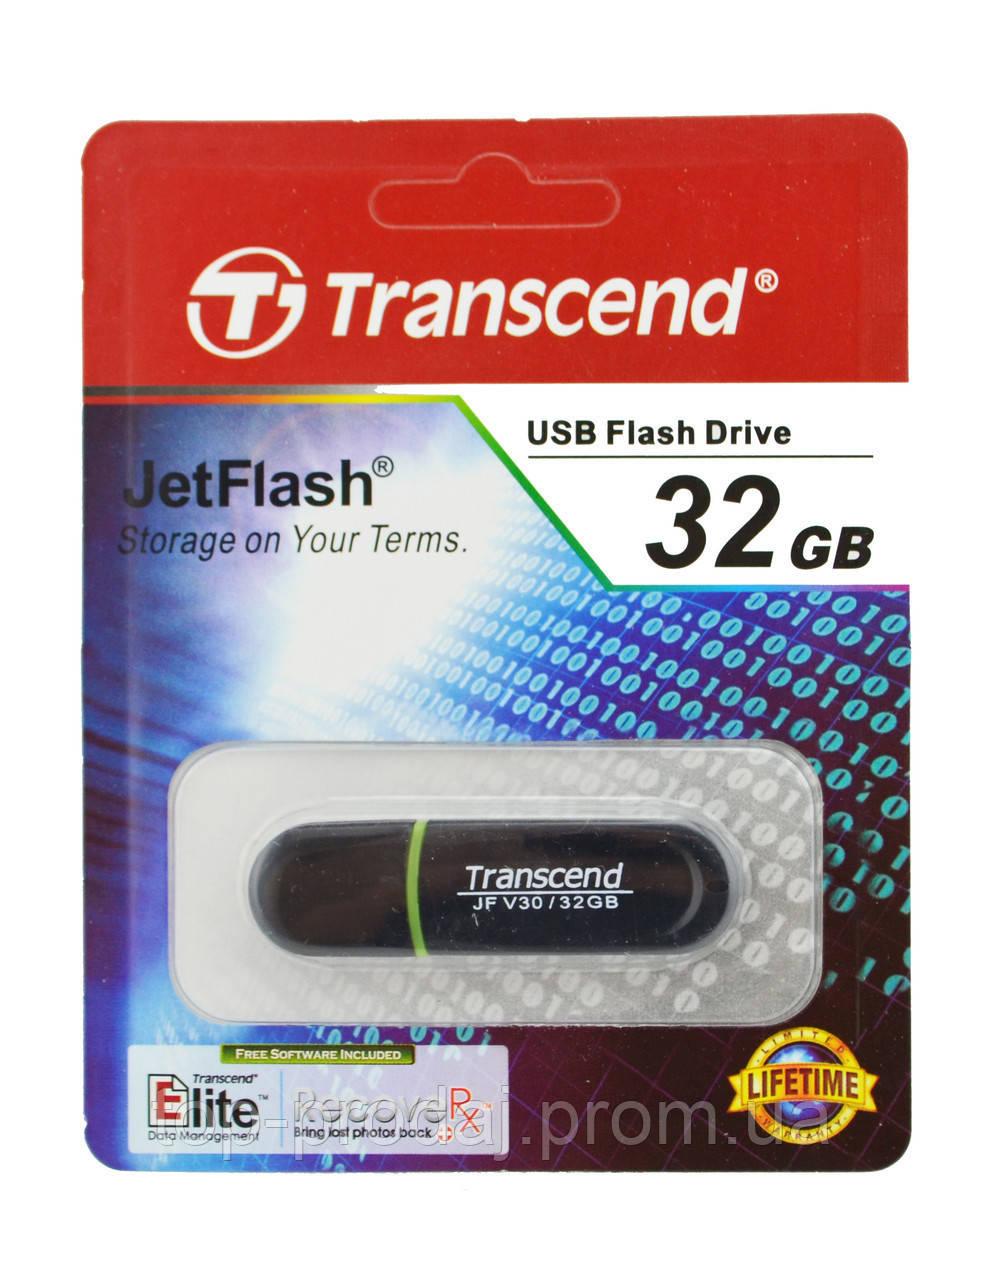 USB Flash Card 32GB флешь накопитель, Юсб флеш накопитель, Transcend флешка, USB-накопитель, Флэшка 32 ГБ